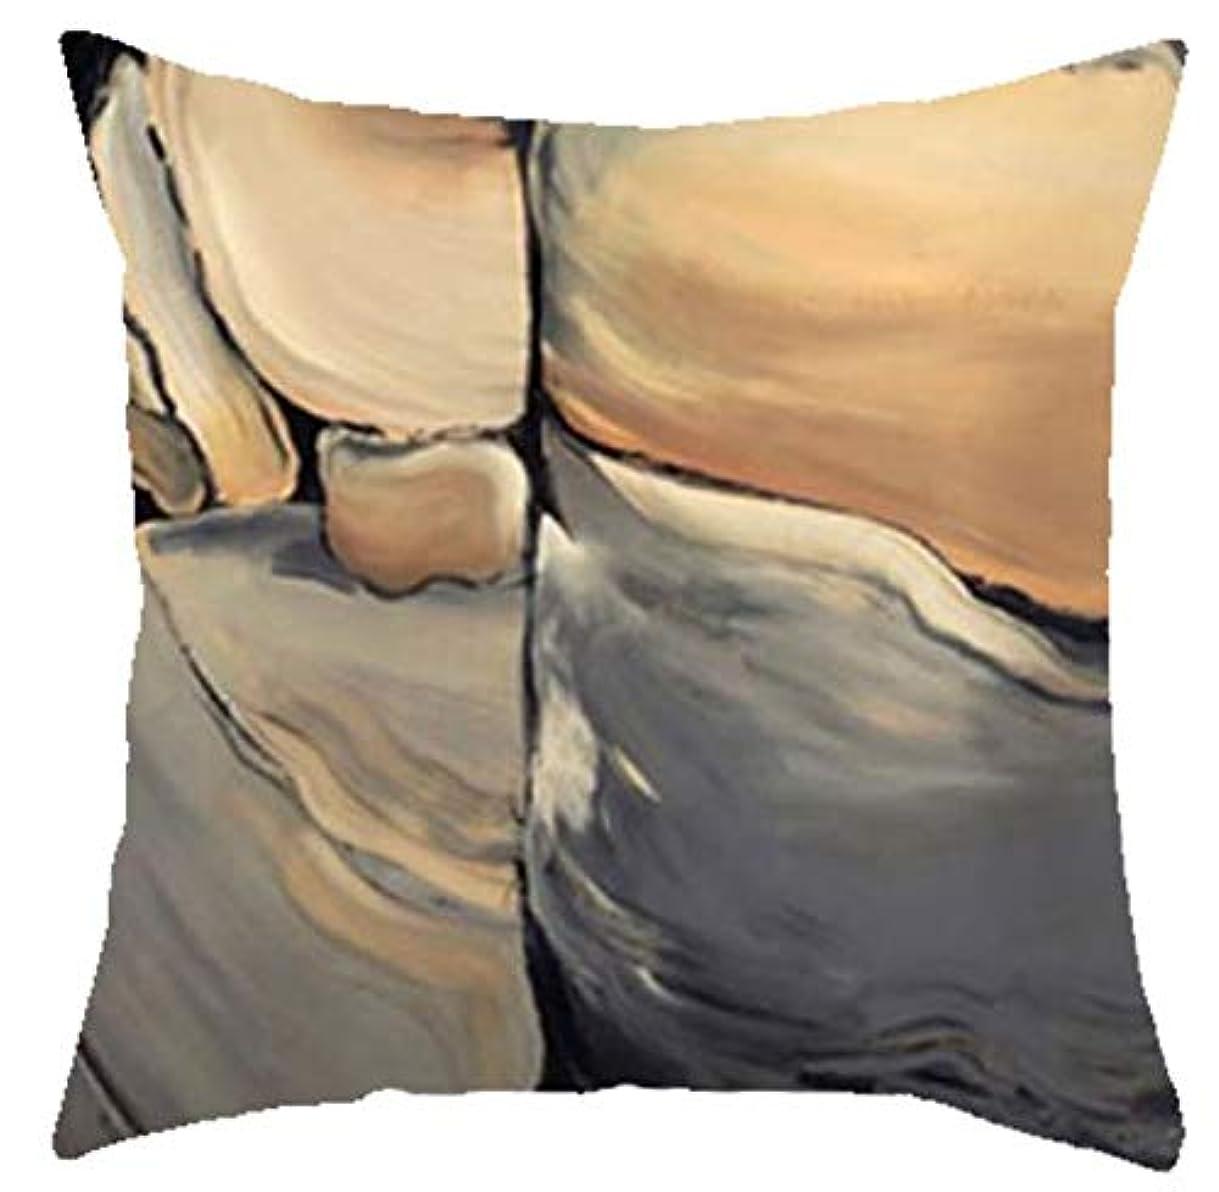 高価な文献遵守するLIFE 新入荷幾何学模様スロー枕クリエイティブ抽象大理石クッション手塗りの山の森リビングルームのソファ クッション 椅子